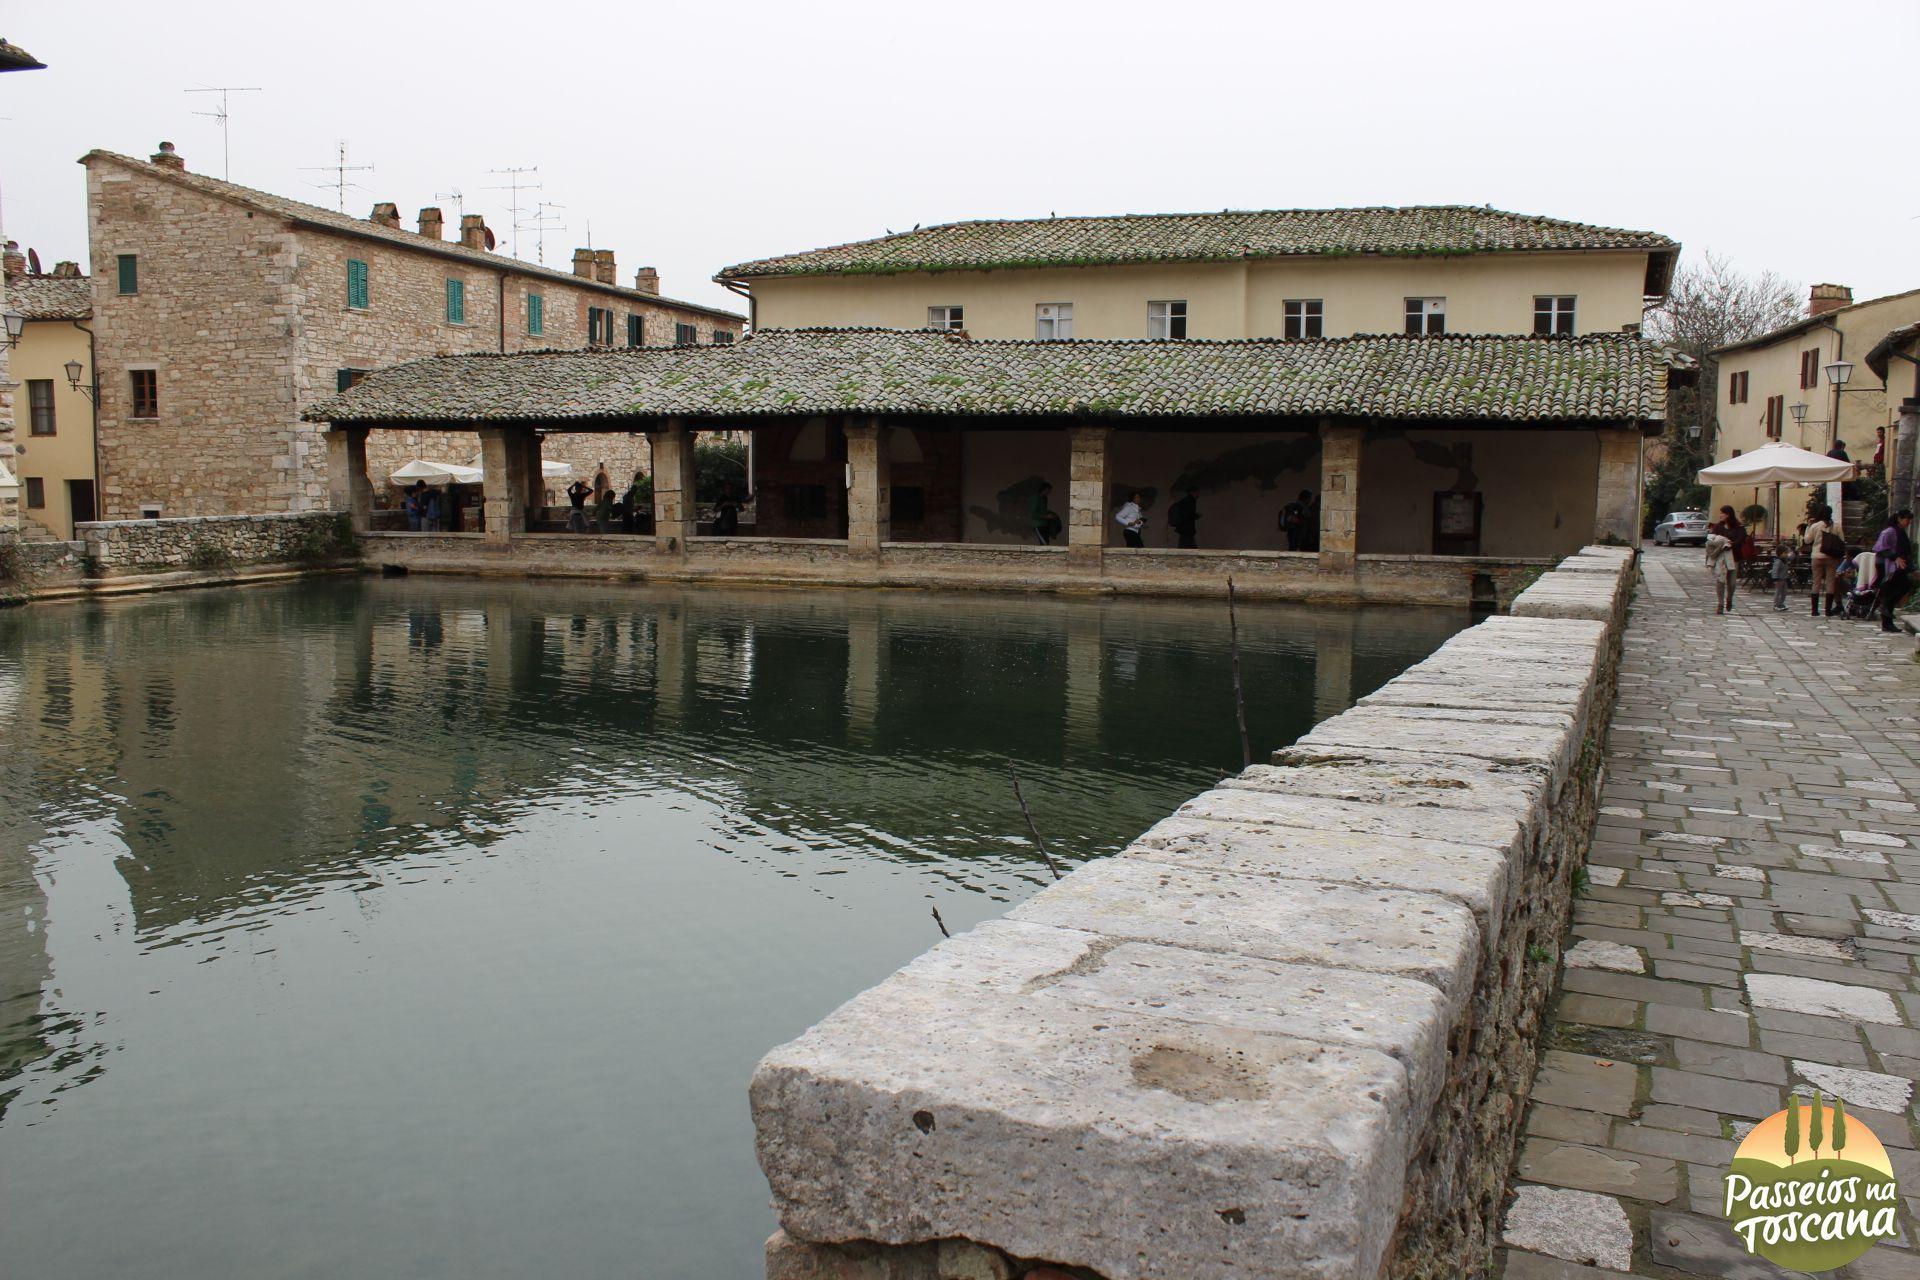 Bagno Vignoni 2_27